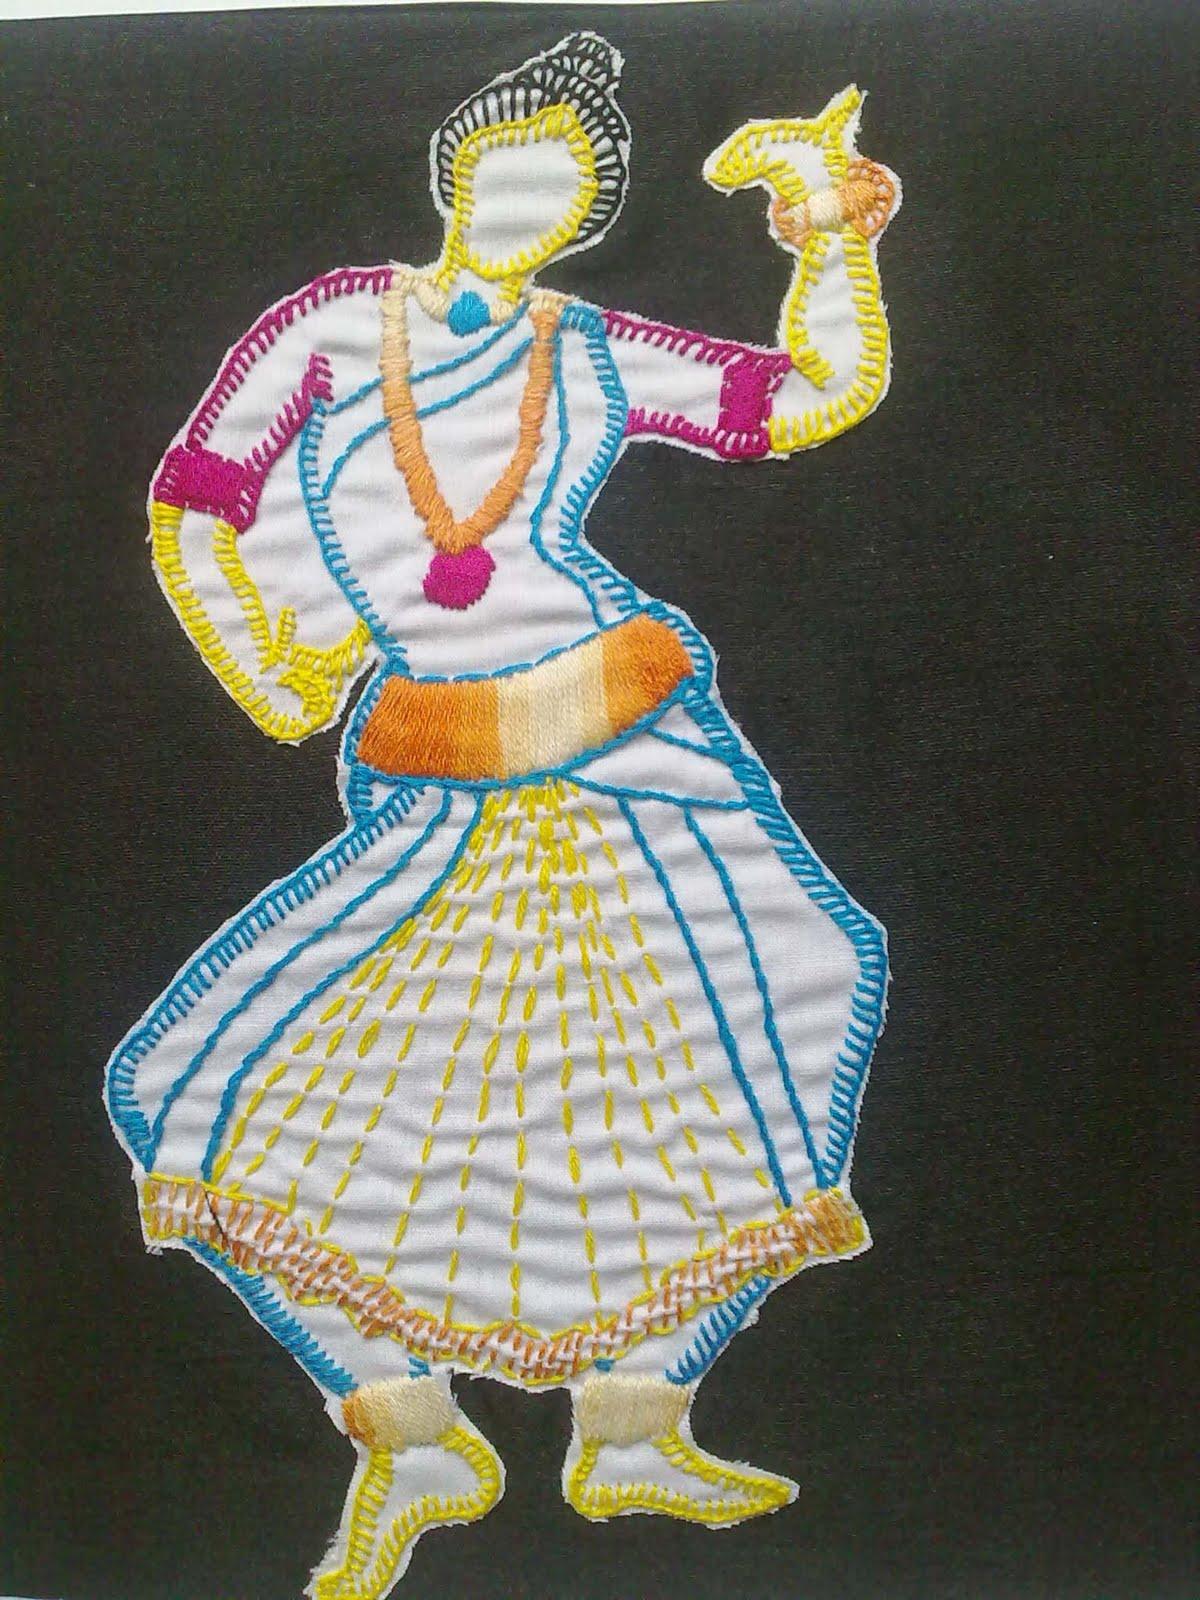 Contemporary fashion embroidery makaroka